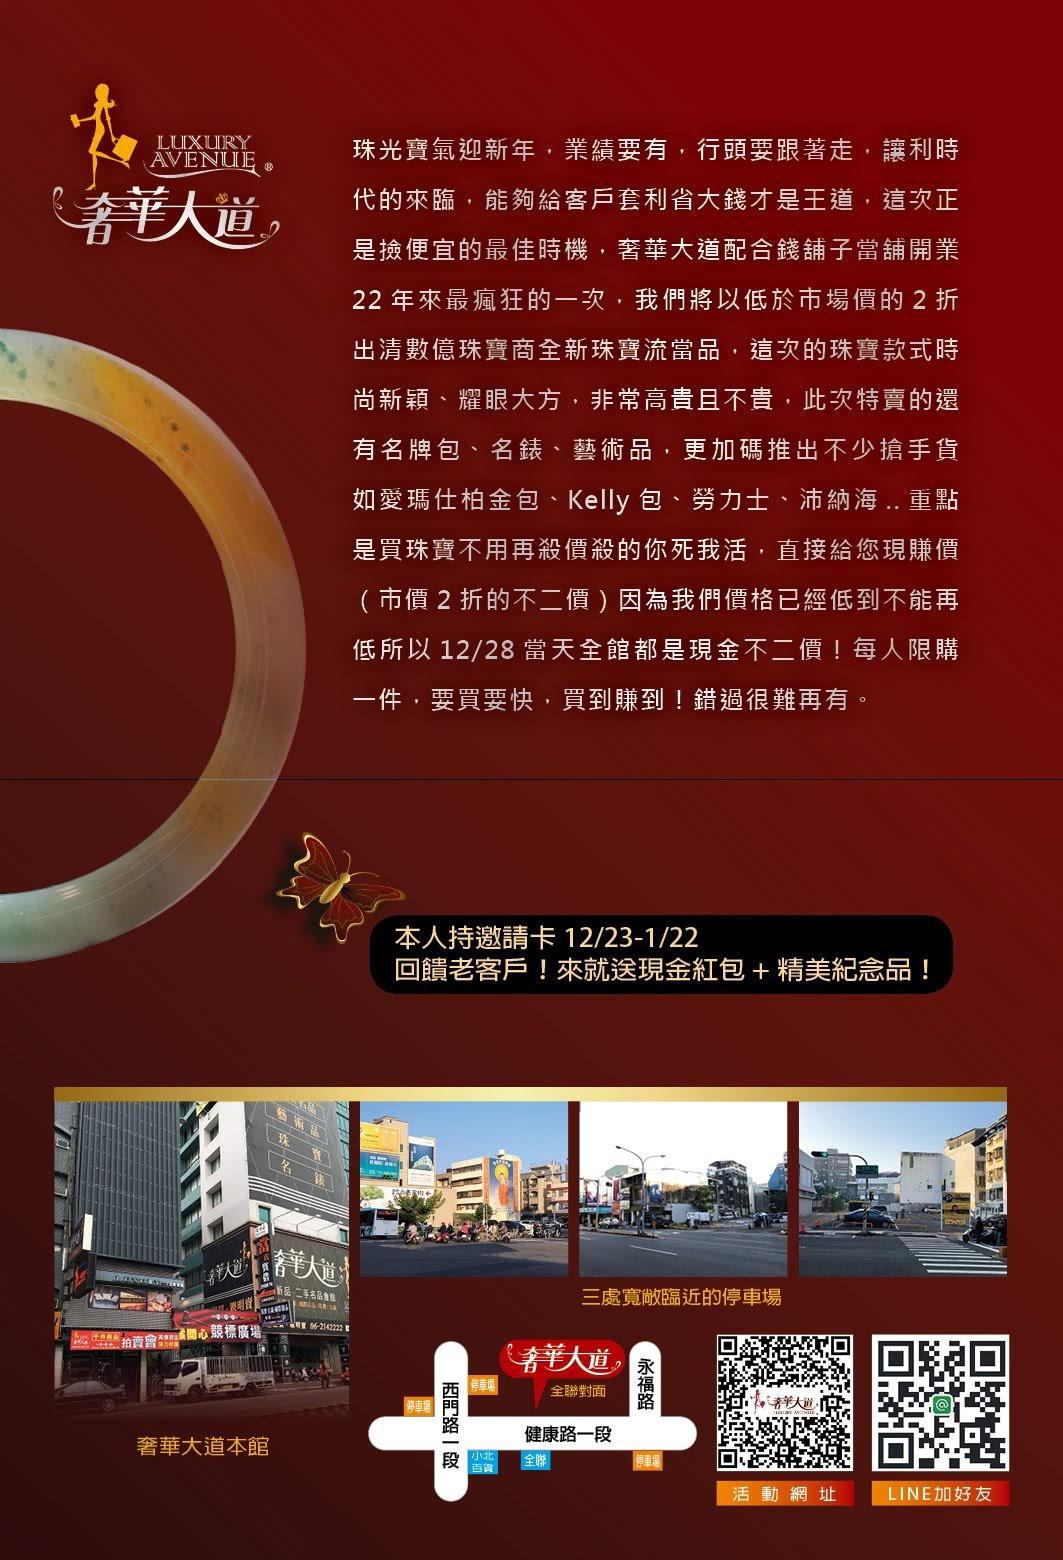 台南活動【台南奢華大道-年終封館特賣會】